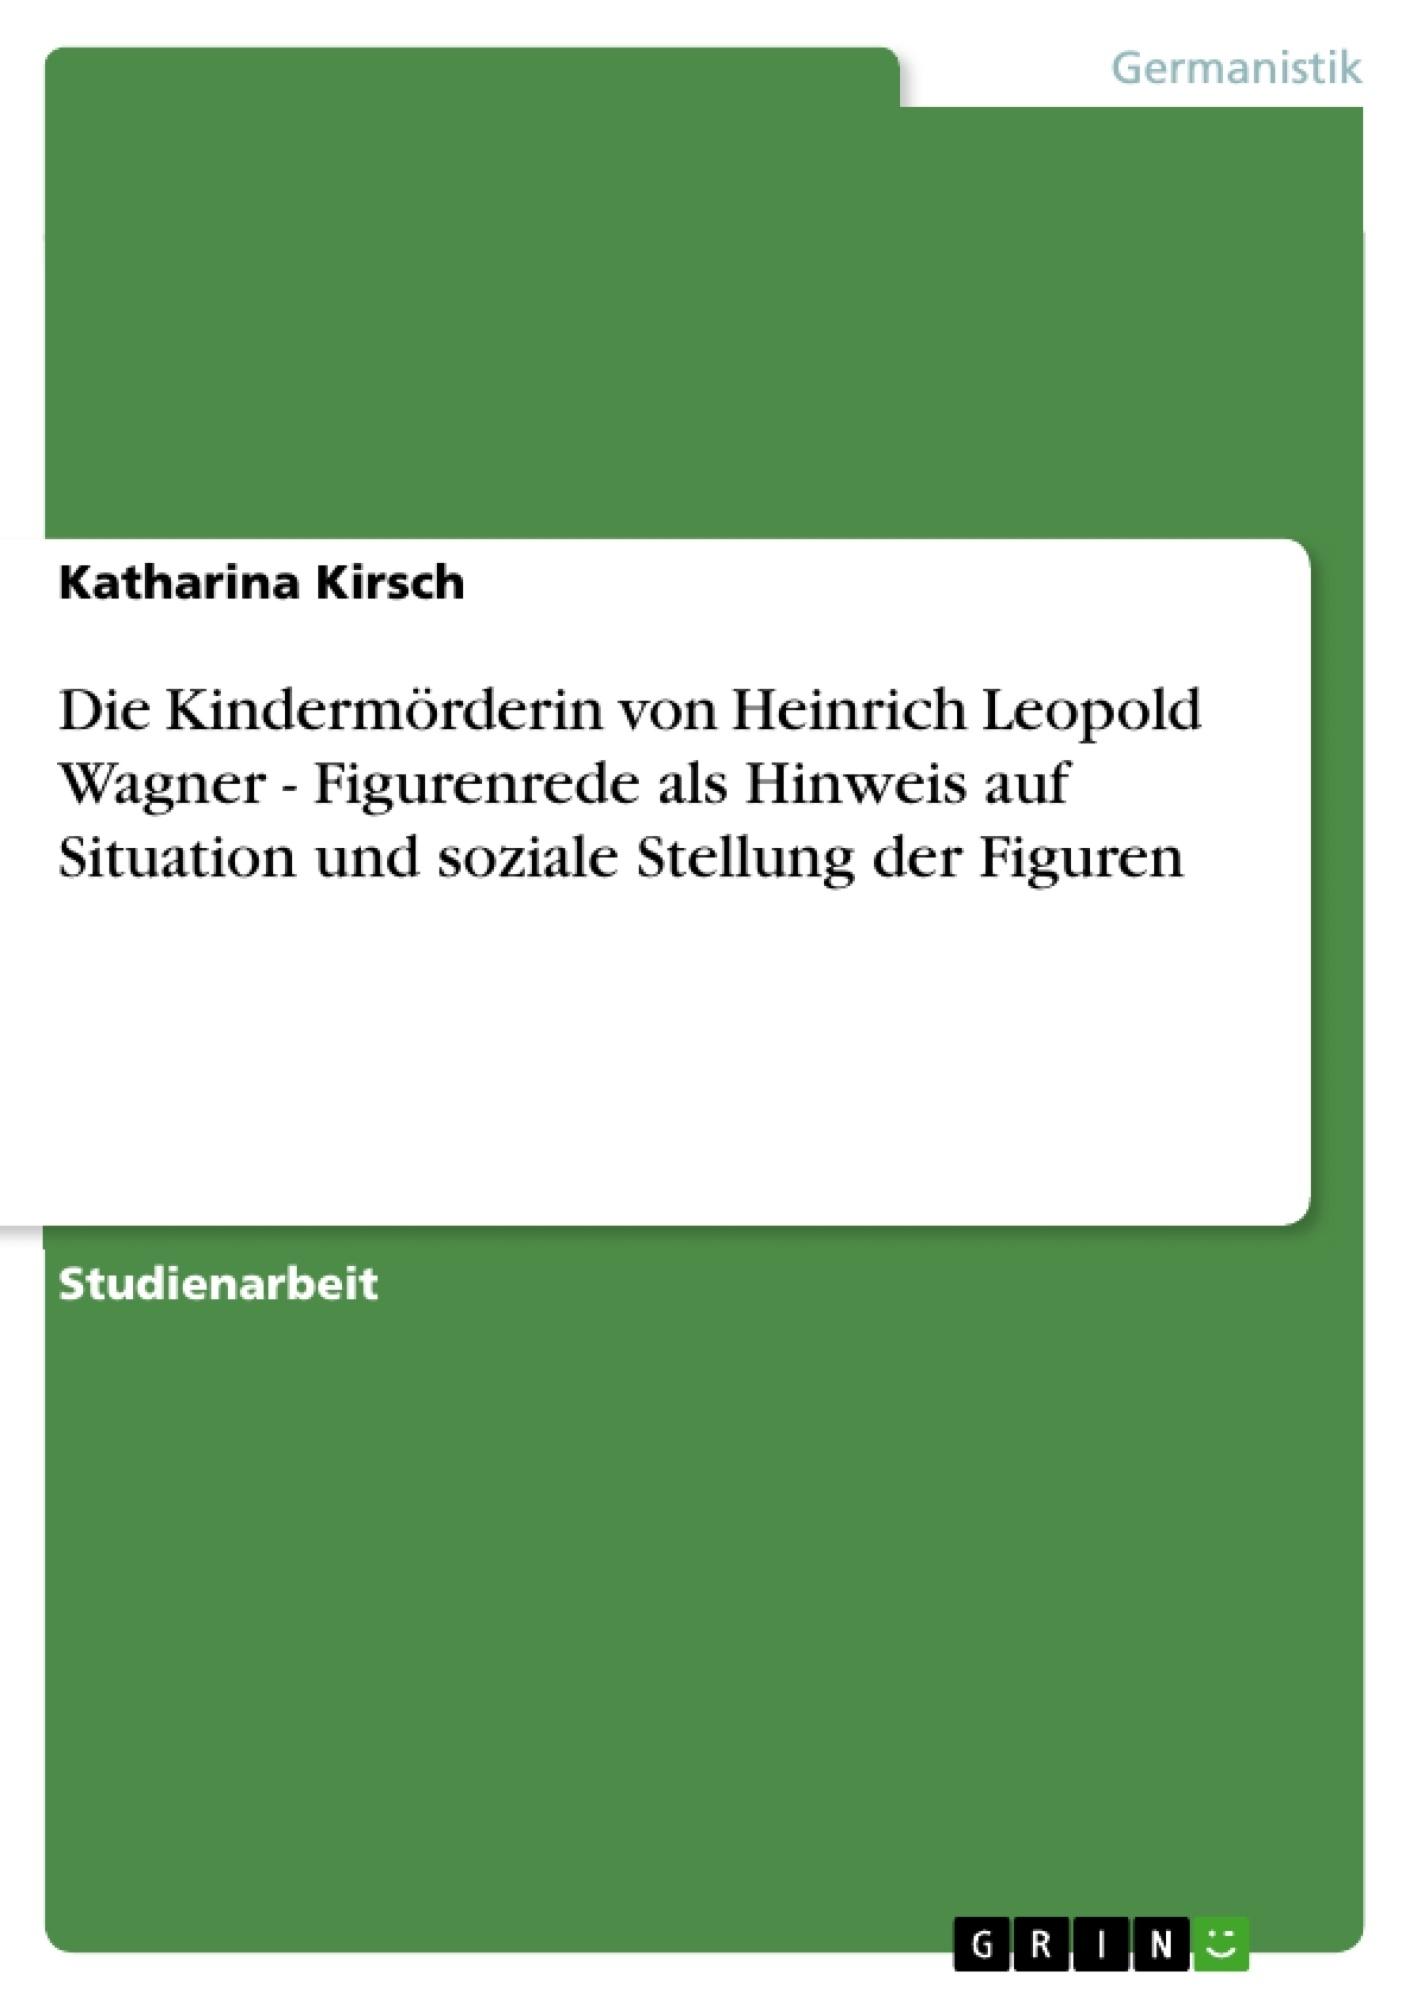 Titel: Die Kindermörderin von Heinrich Leopold Wagner - Figurenrede als Hinweis auf Situation und soziale Stellung der Figuren